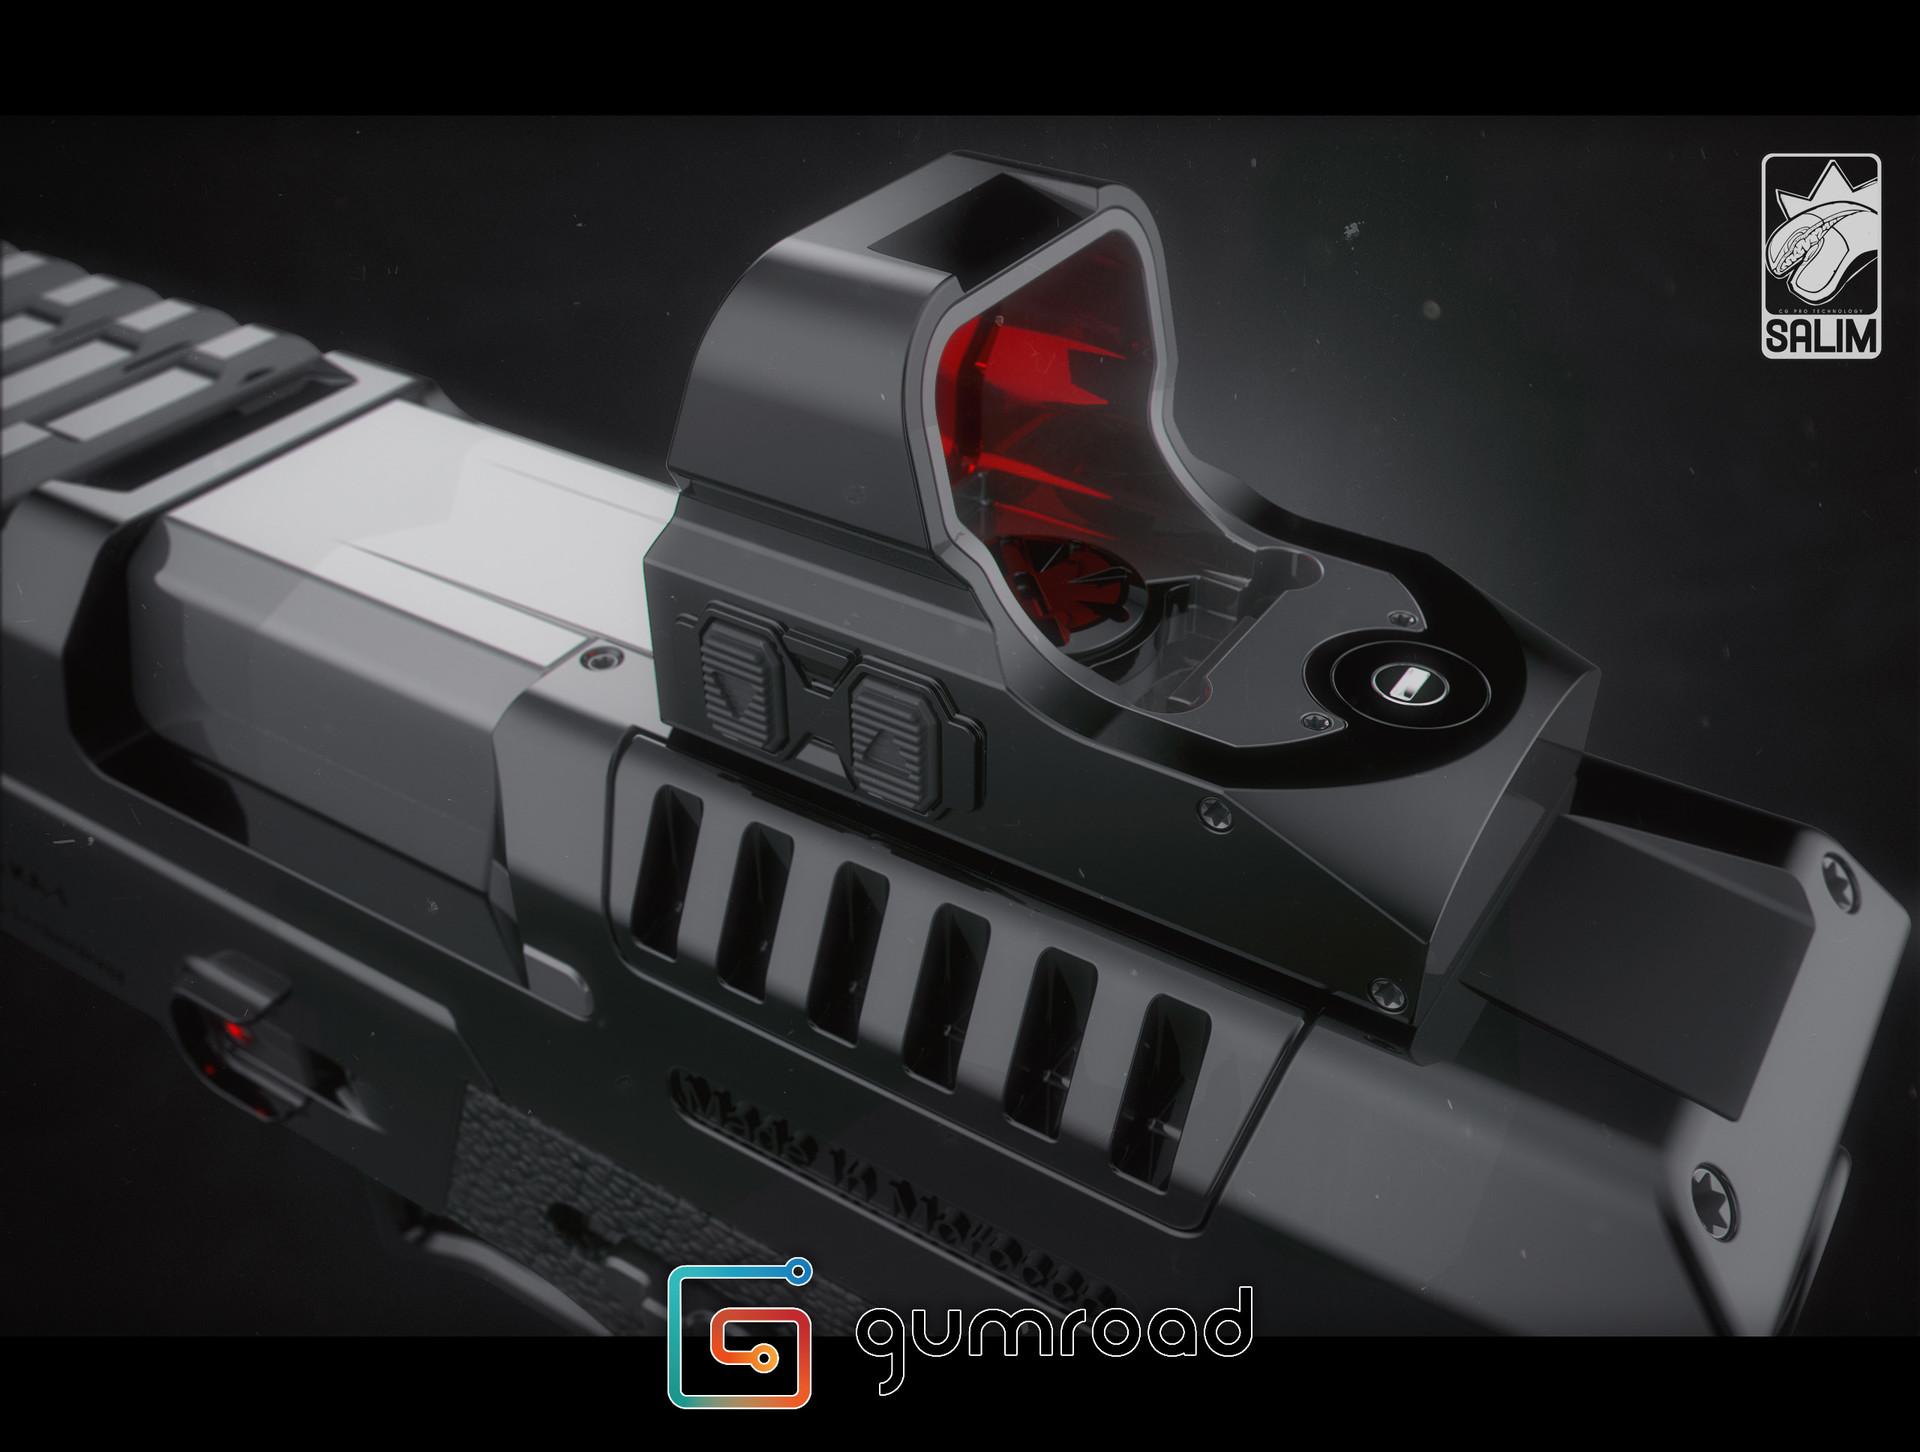 Ljabli salim gun render 05